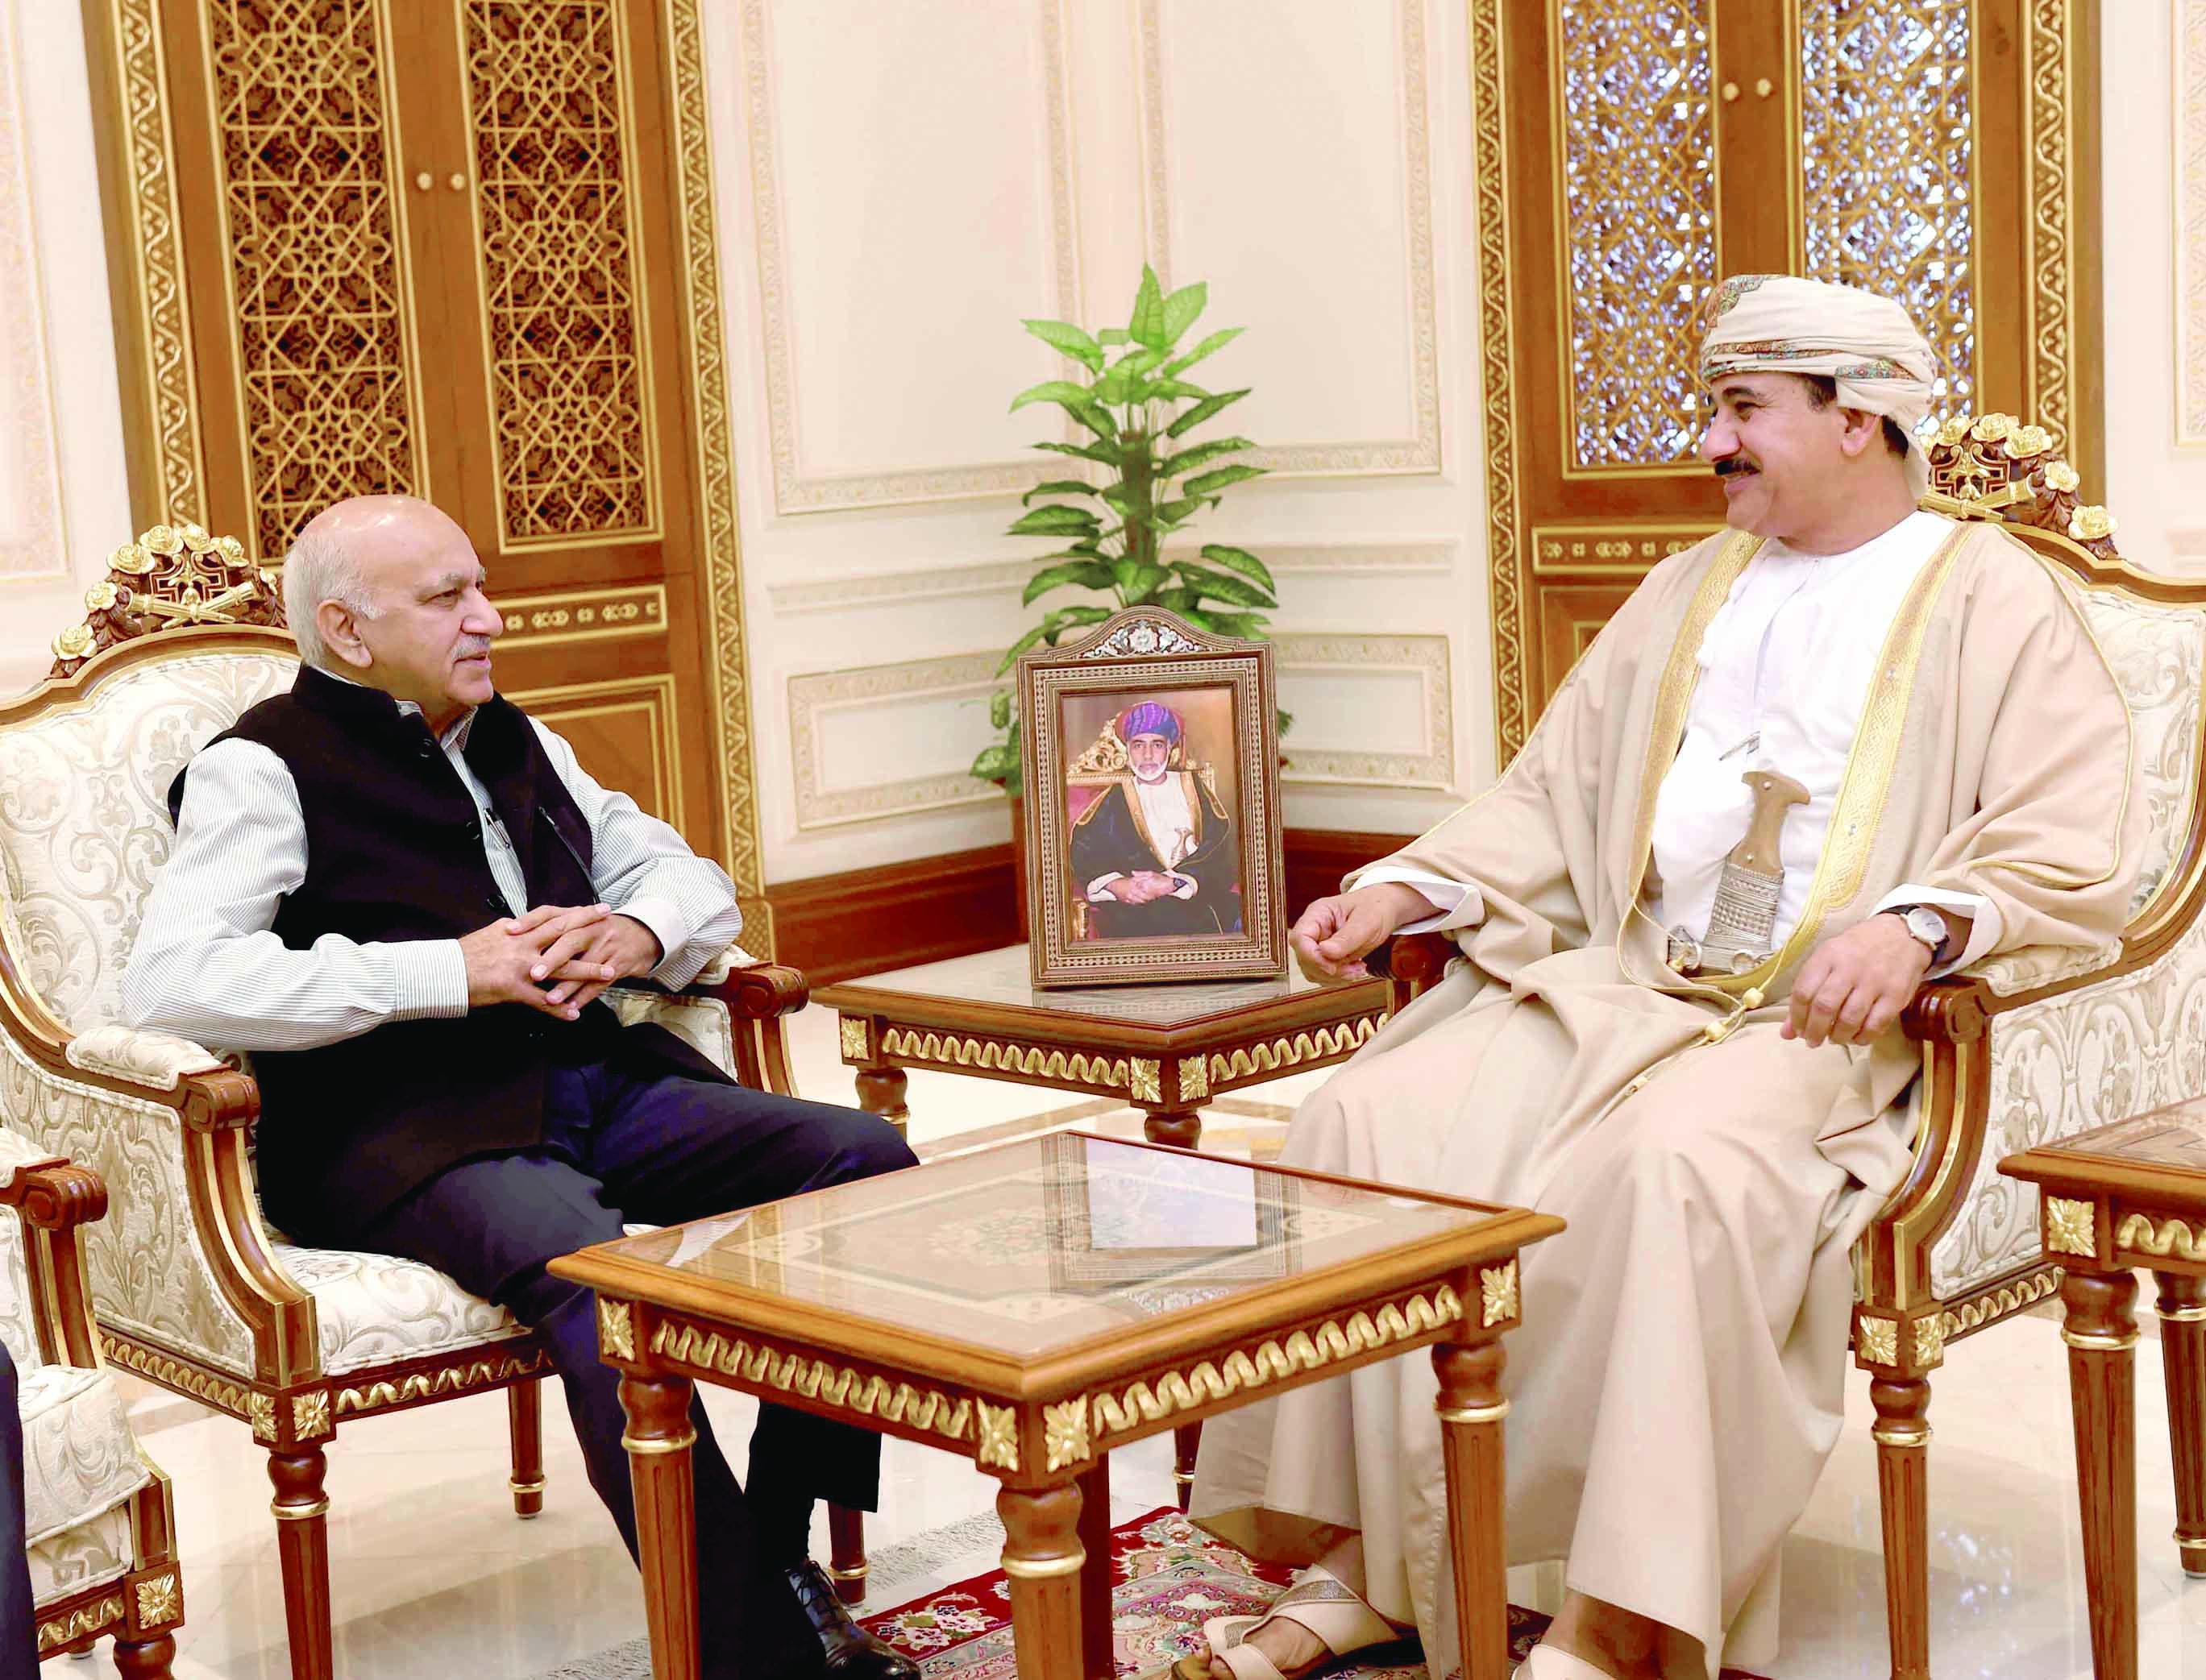 النعماني يستعرض مع الوزير الهندي العلاقات الثنائية